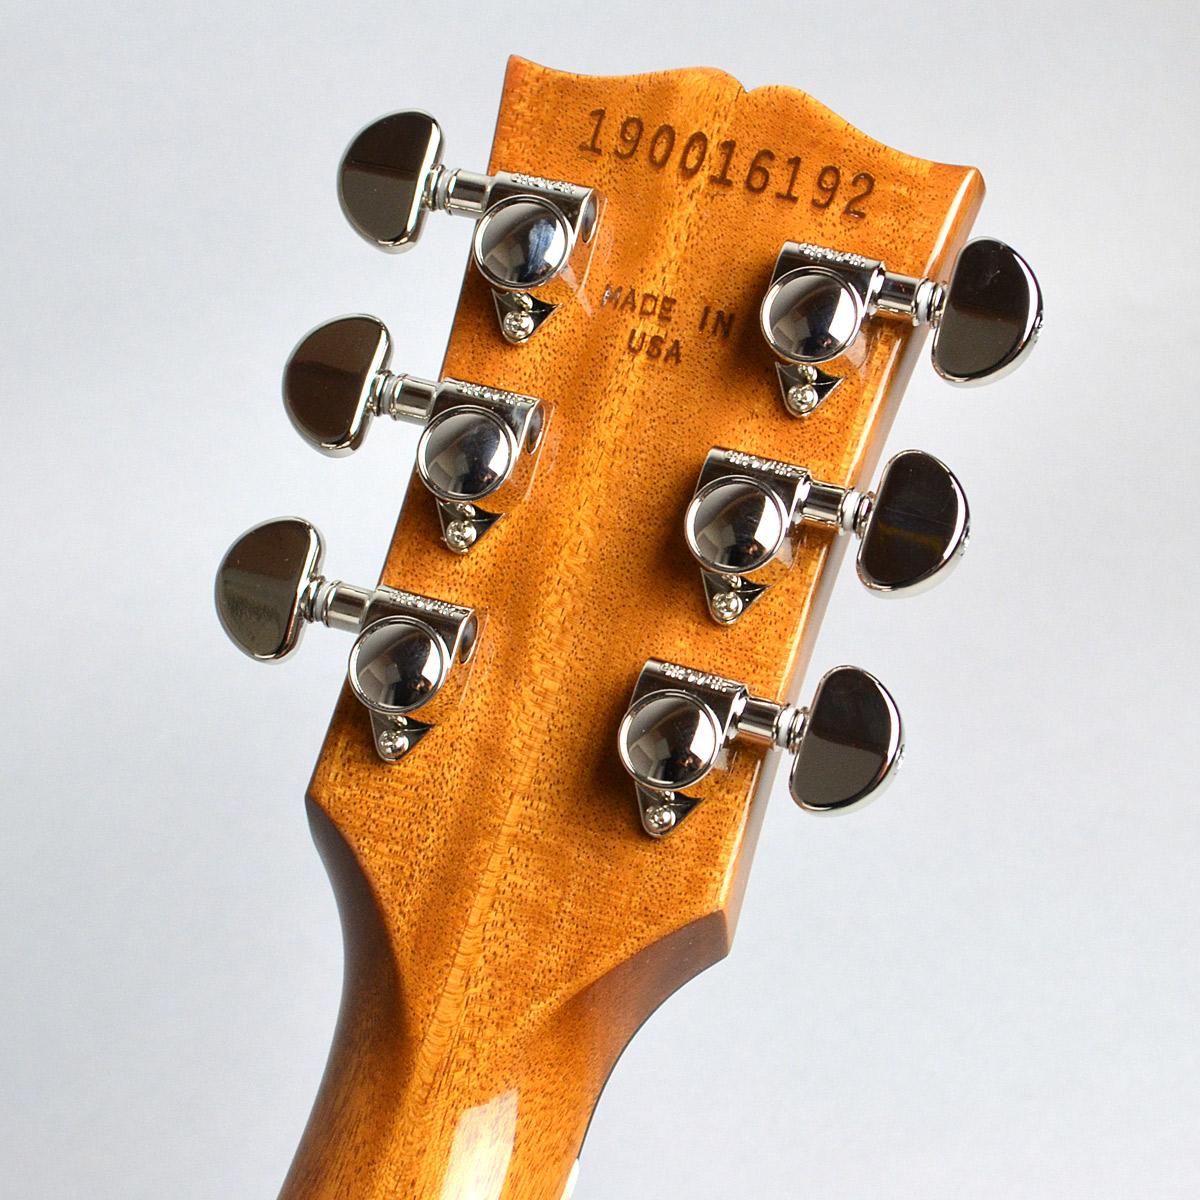 Les Paul Classic Lightのヘッド裏-アップ画像